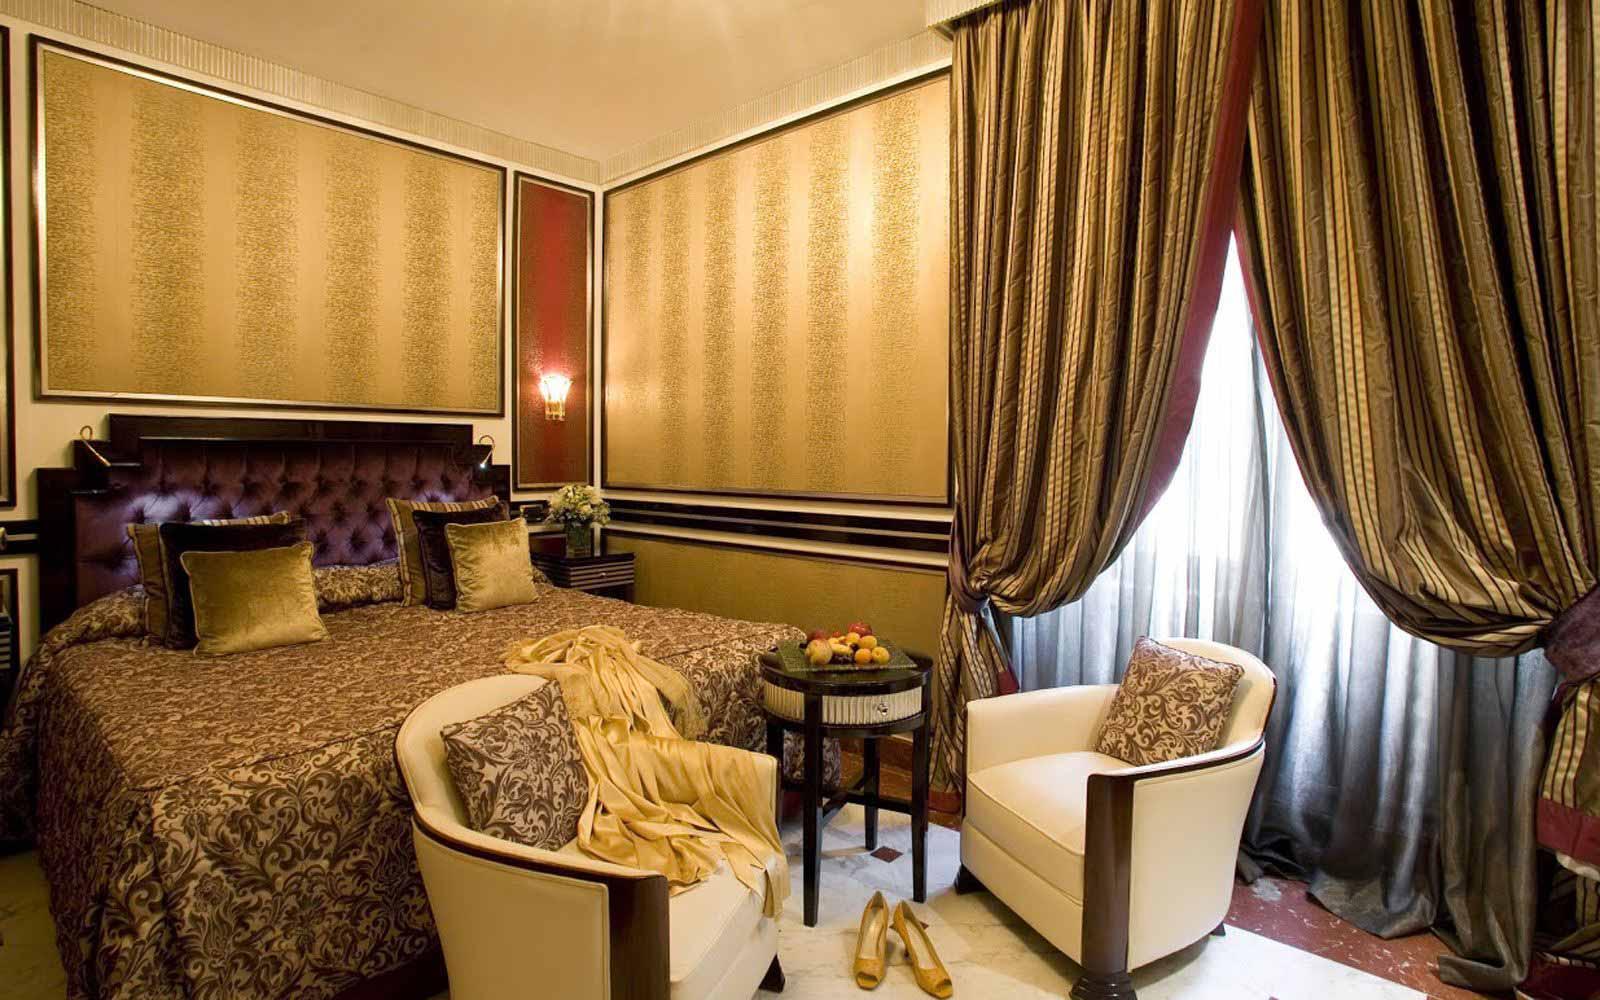 Grand deluxe room at Regina Hotel Baglioni